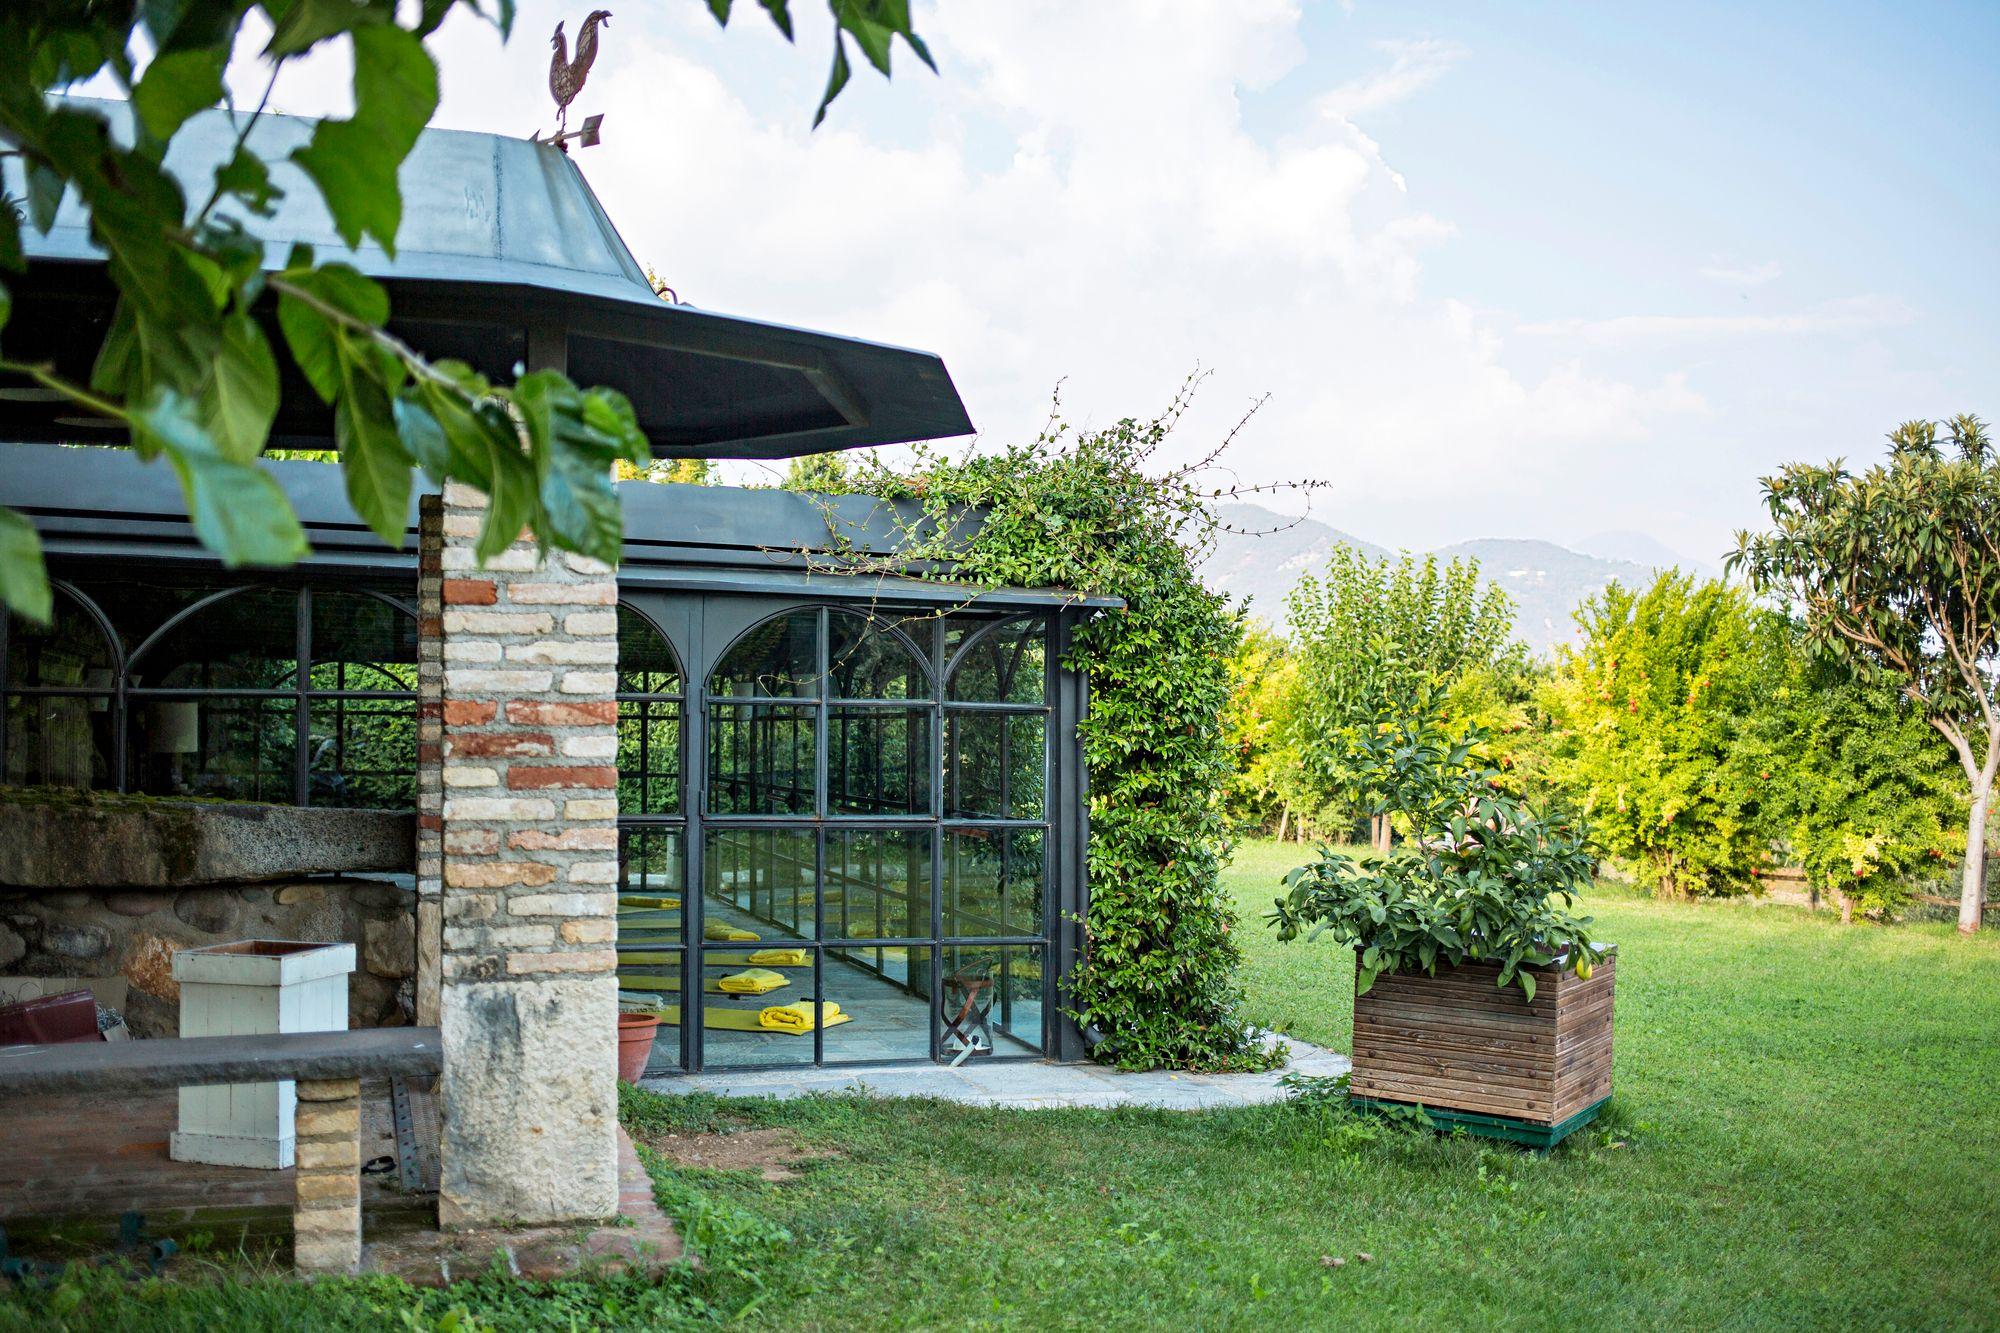 Puutarhan pergolan avattavat lasiseinät luovat turvallisen paikan joogatunneille.